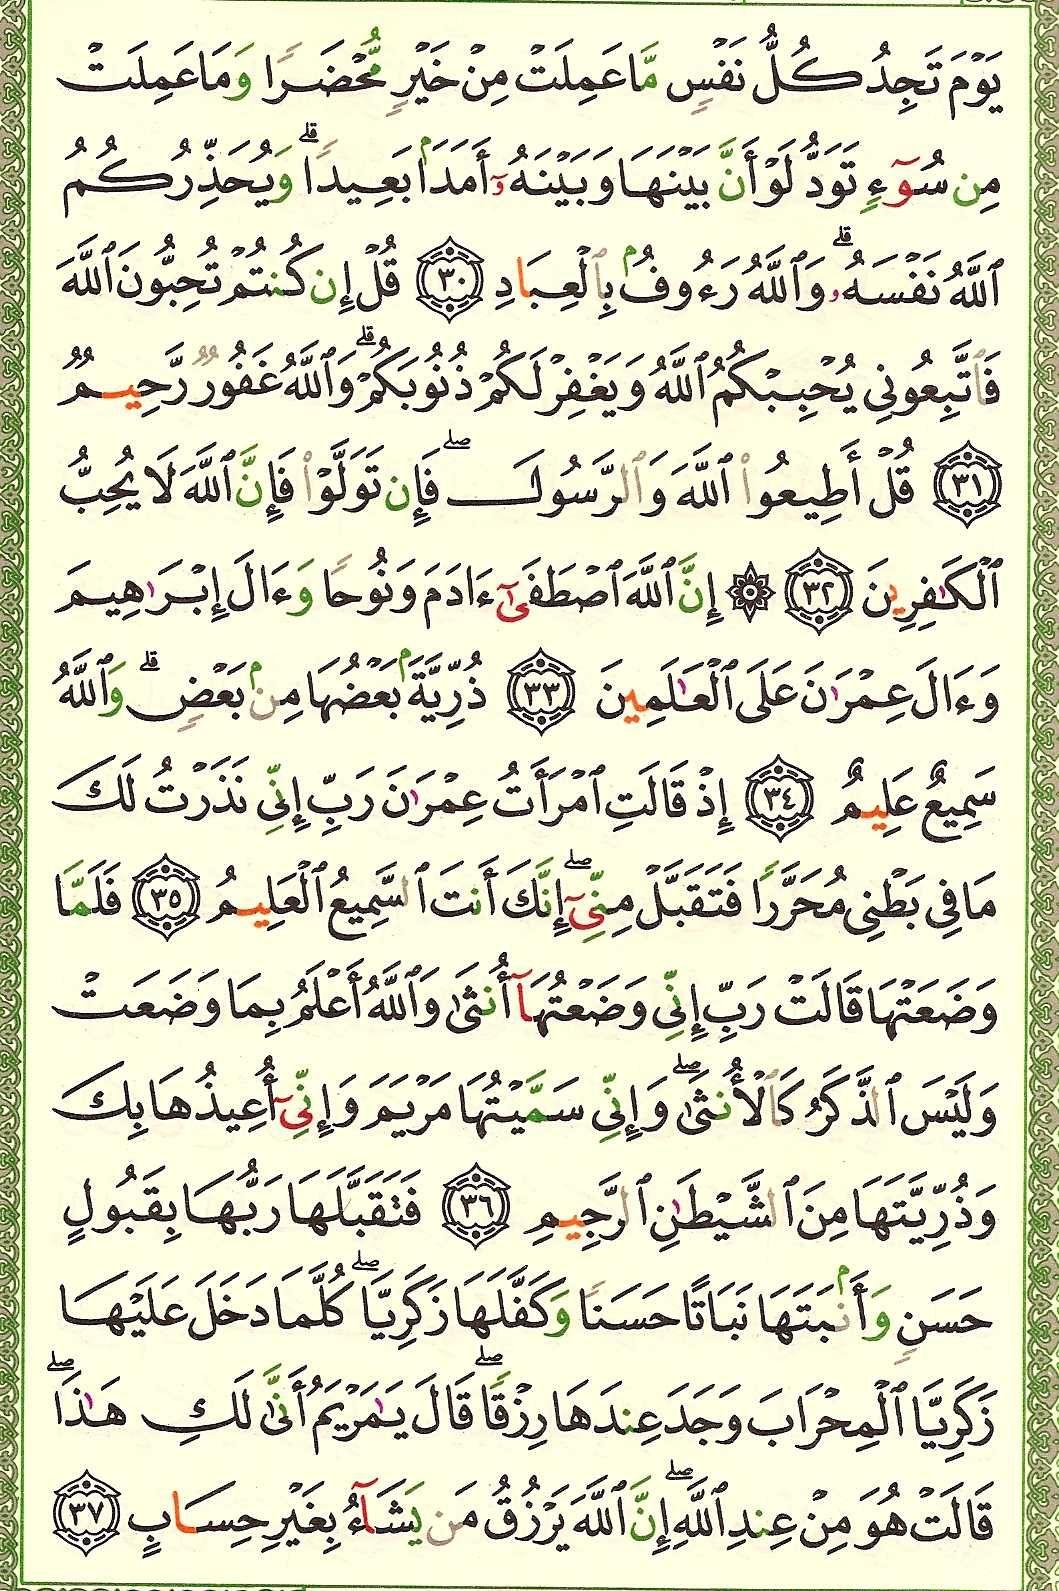 3. سورة آل عمران - Al-Imran مصورة من المصحف الشريف 054